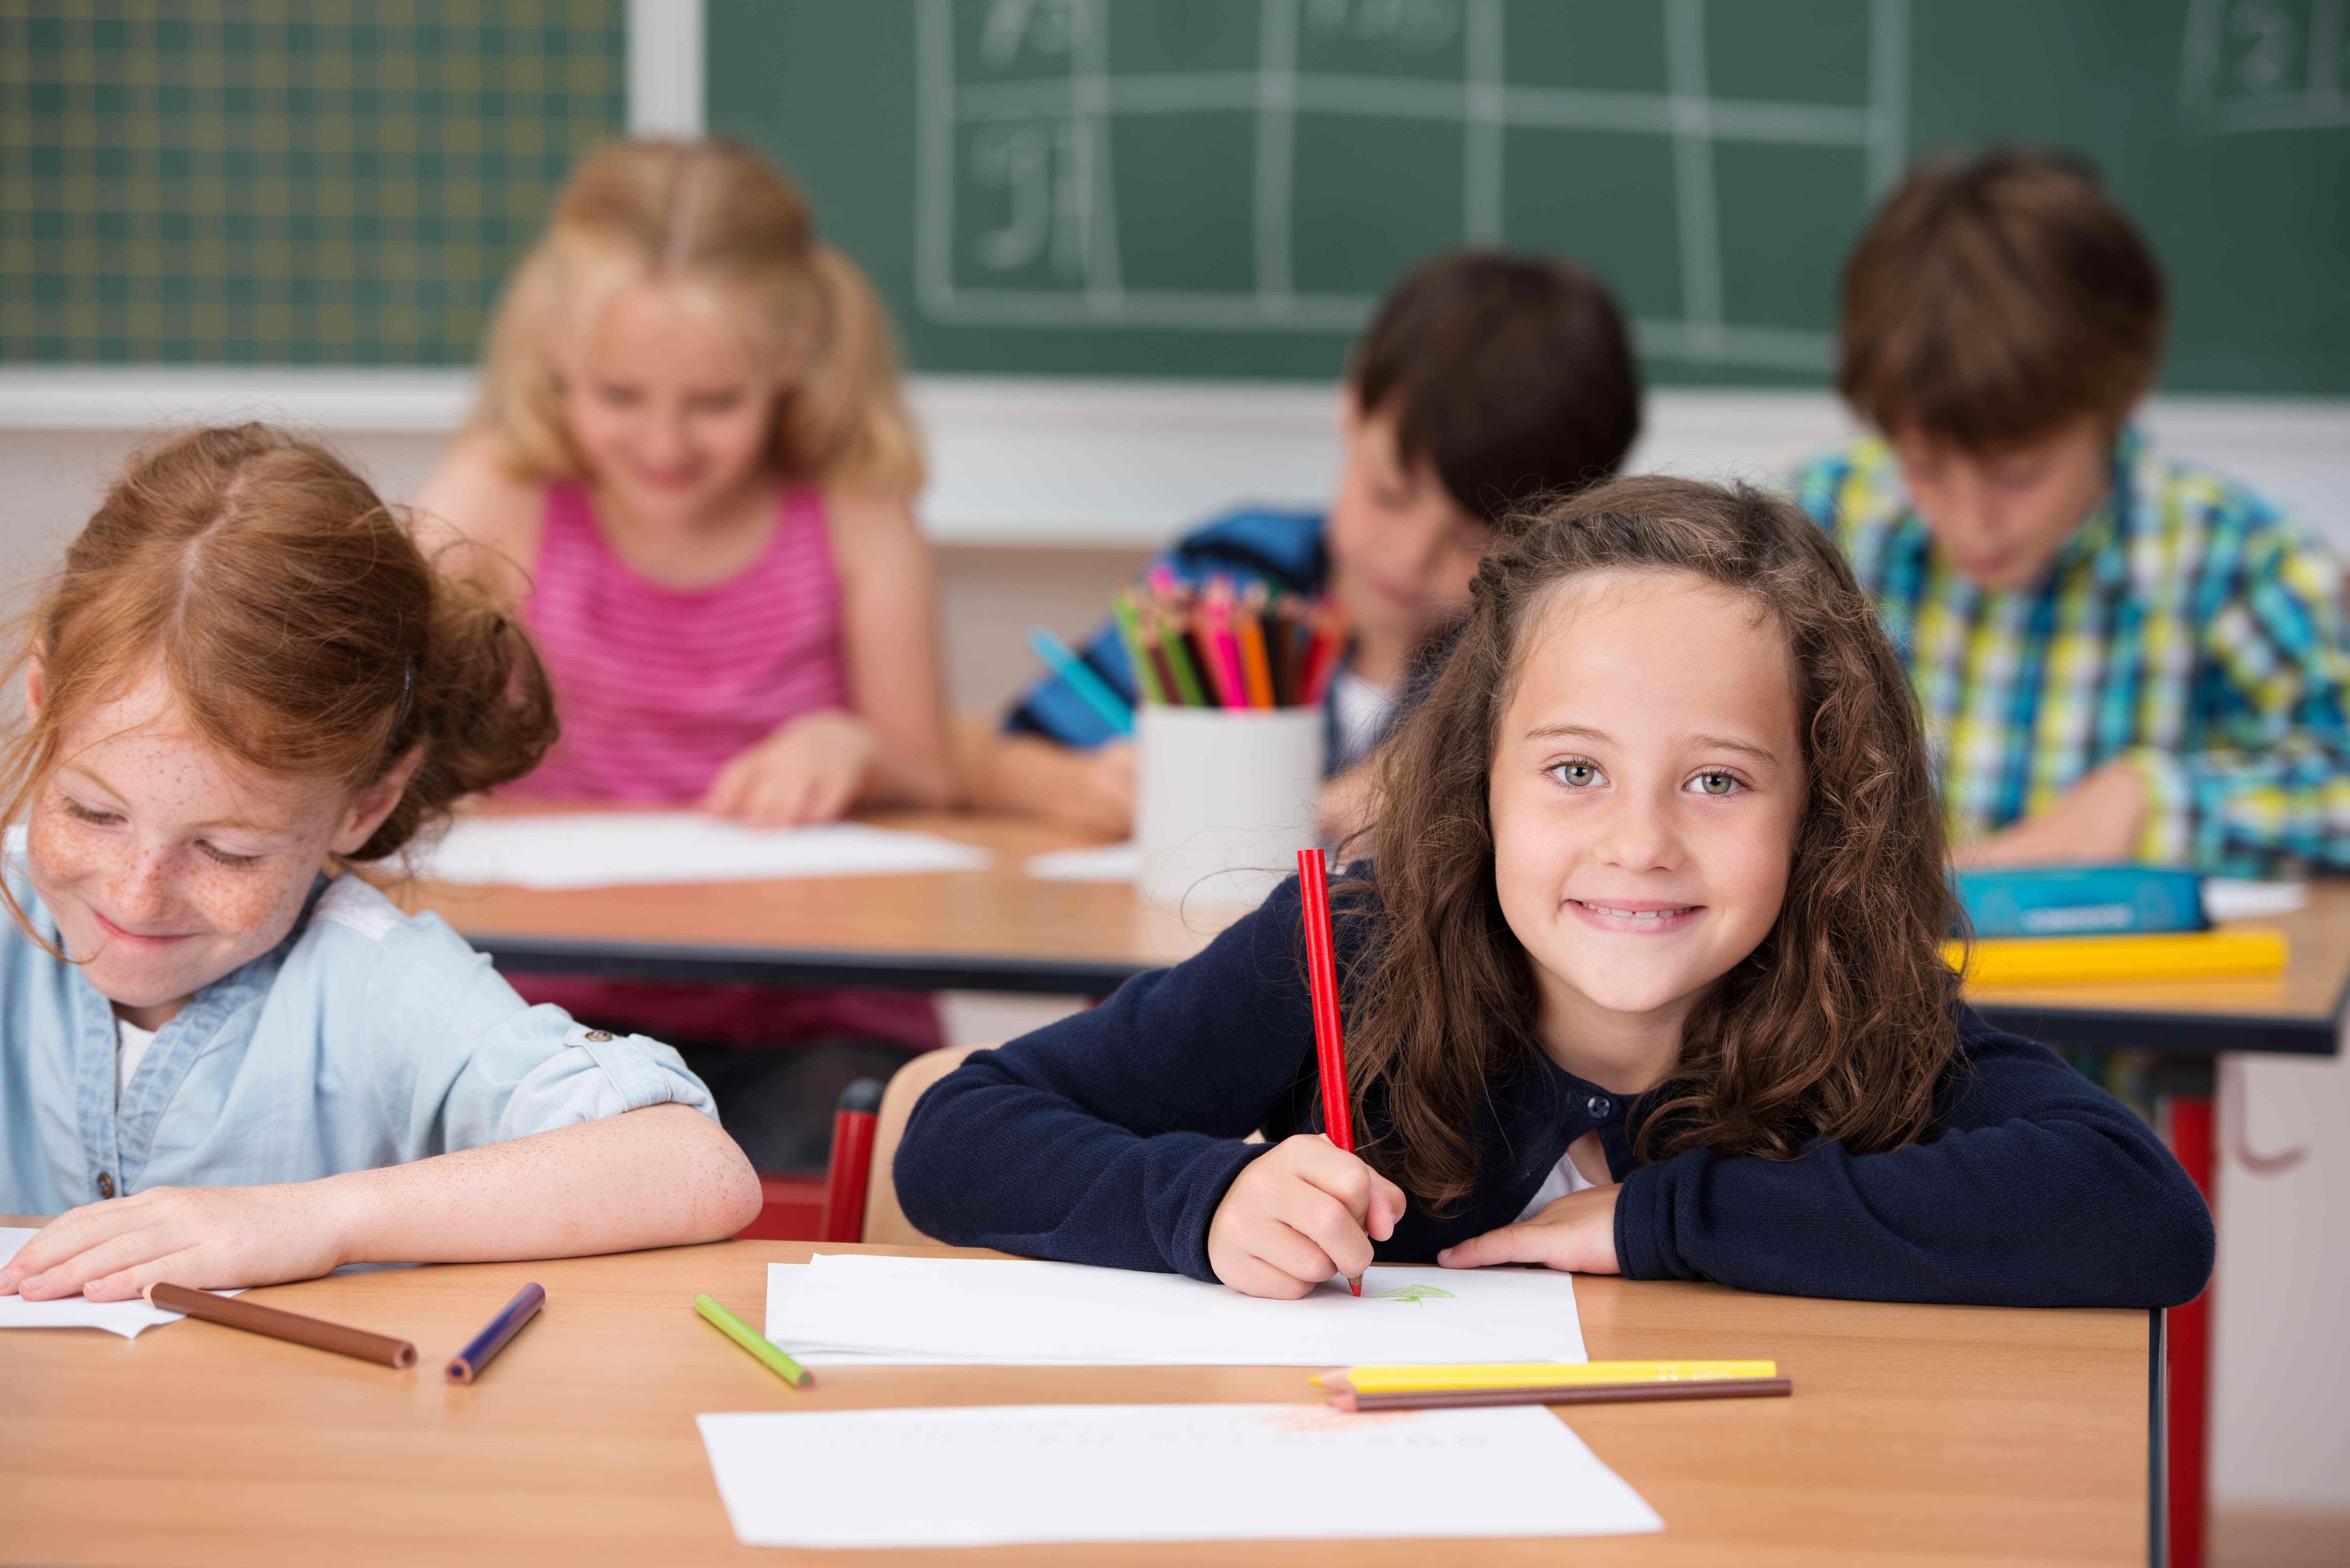 Onderwijsinspectie doet een aanval op de onderwijsvrijheid